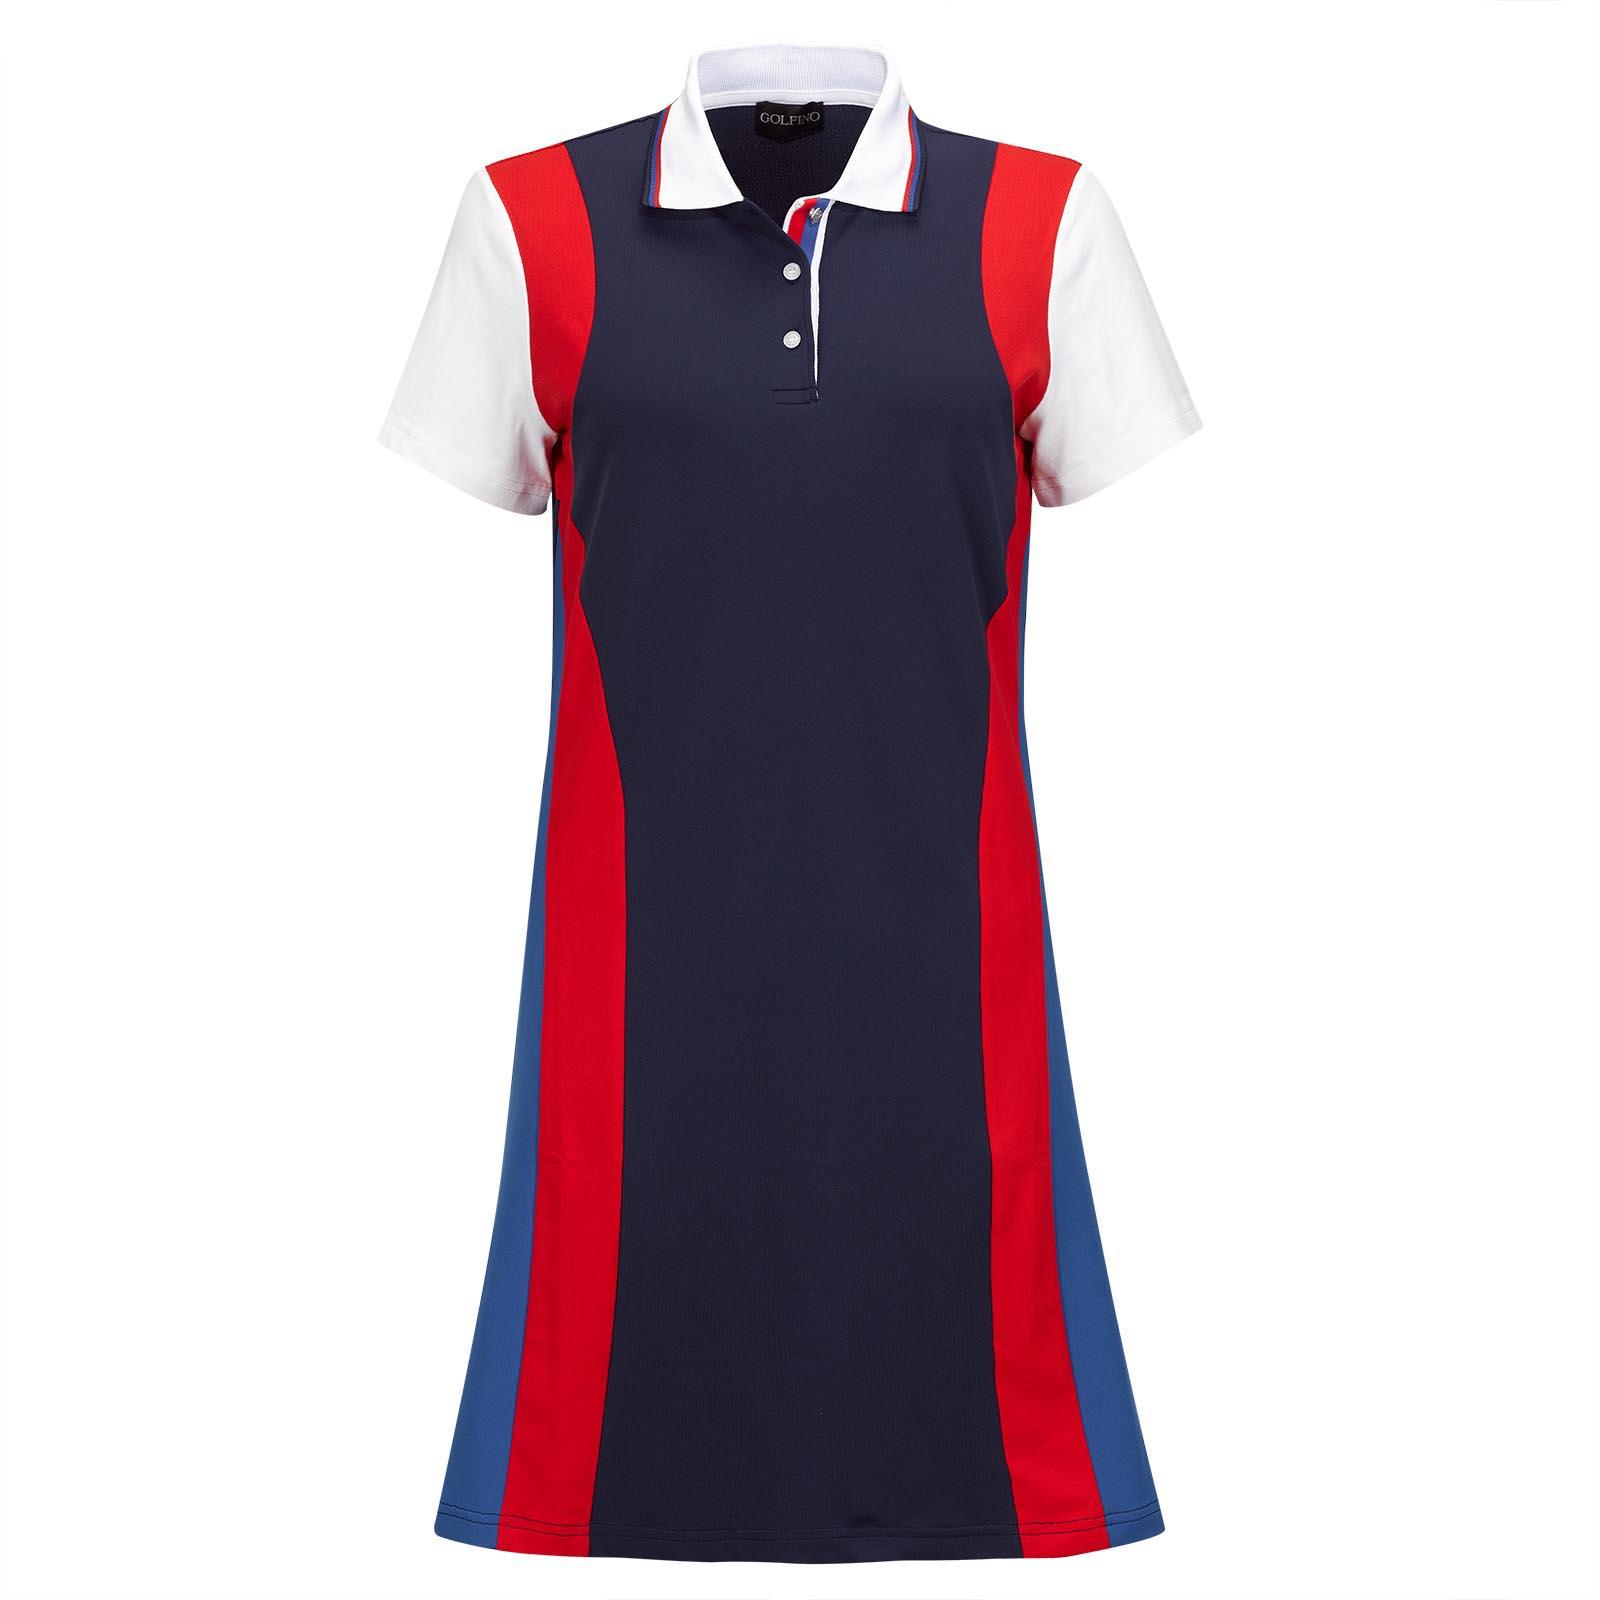 Vestido funcional de golf de manga corta de mujer en un look retro con Sun Protection